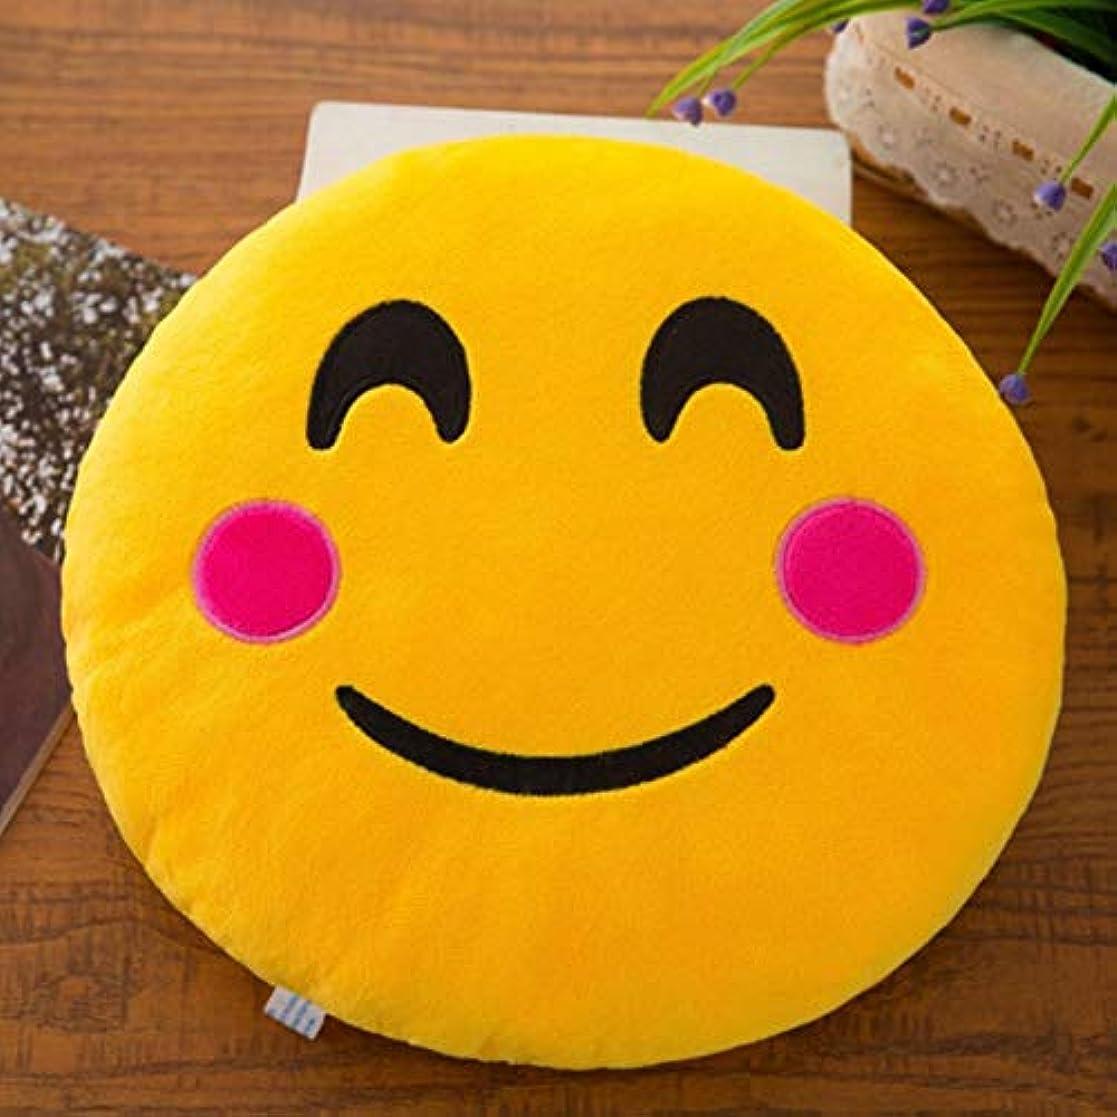 料理性格豚LIFE 40 センチメートルスマイル絵文字枕ソフトぬいぐるみ絵文字ラウンドクッション家の装飾かわいい漫画のおもちゃの人形装飾枕ドロップ船 クッション 椅子